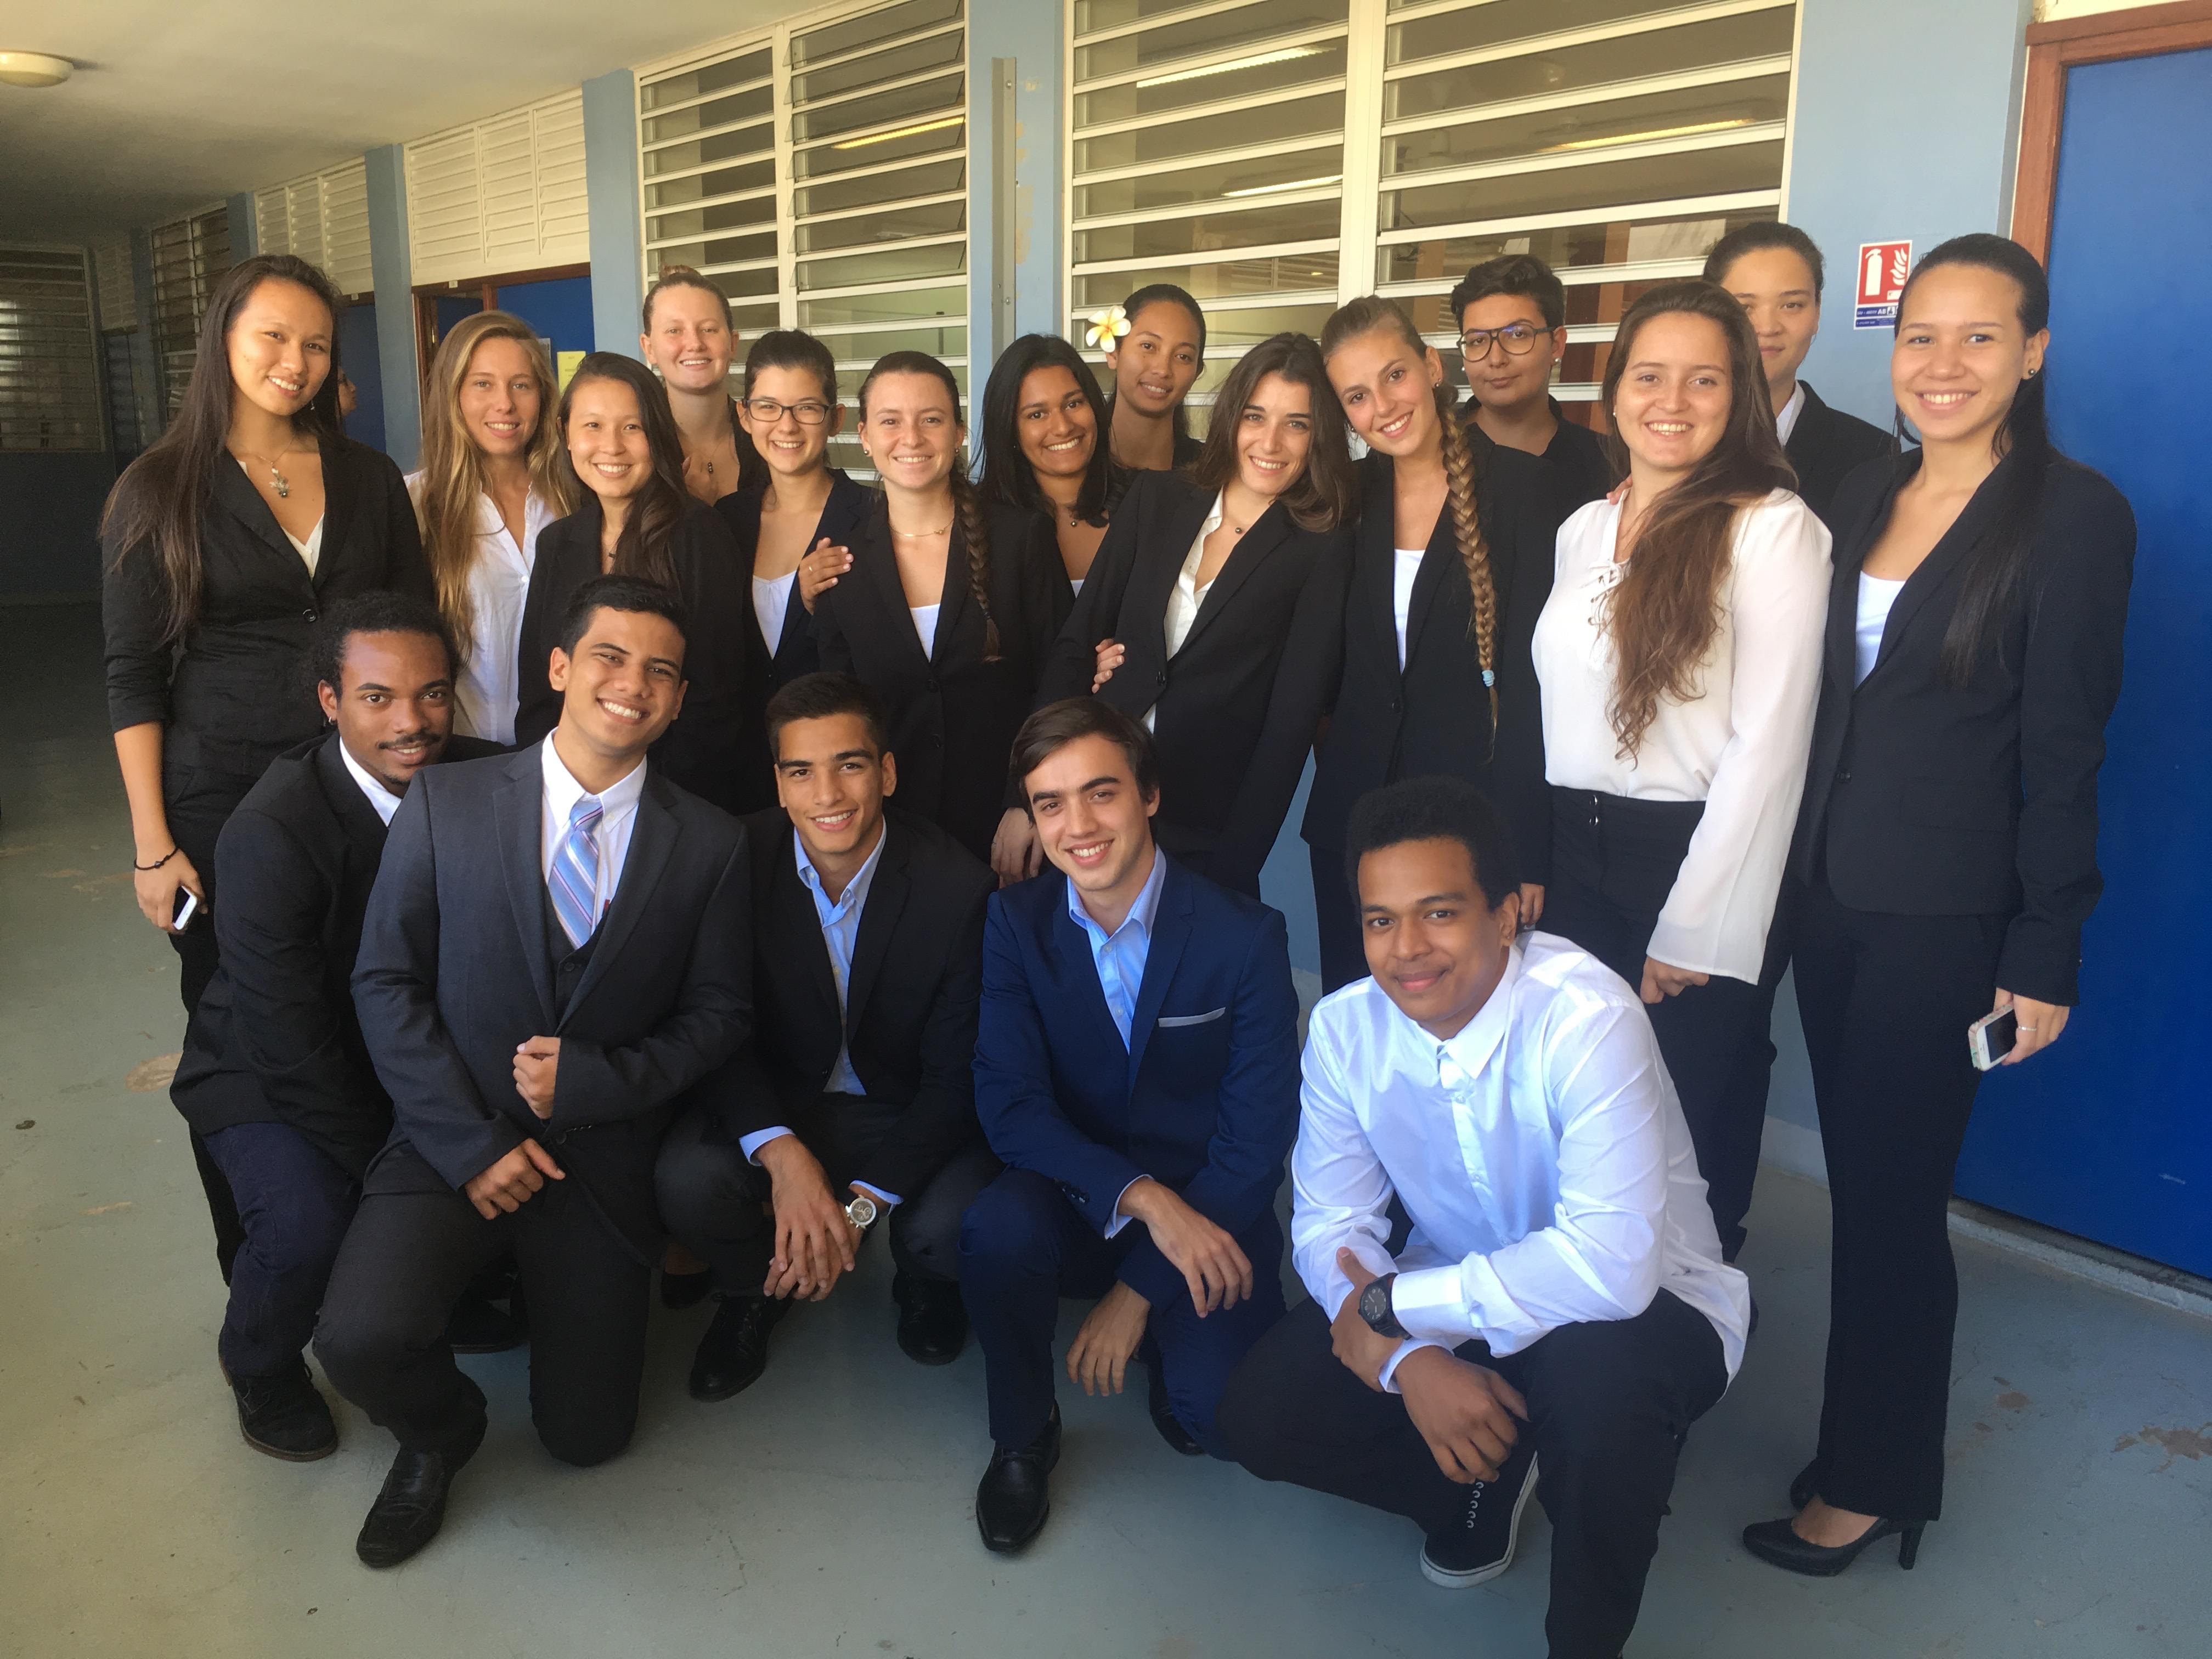 La promotion de CPGE ECE 2016-2018 du lycée Paul Gauguin, lors d'un entraînement à l'entretien de personnalité au sein de l'établissement.